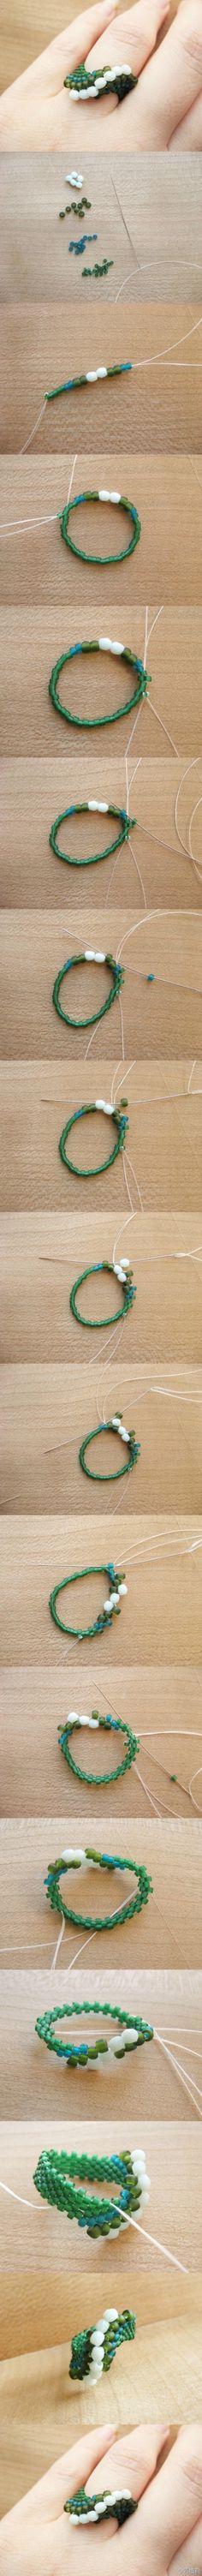 Ring turbular peyote